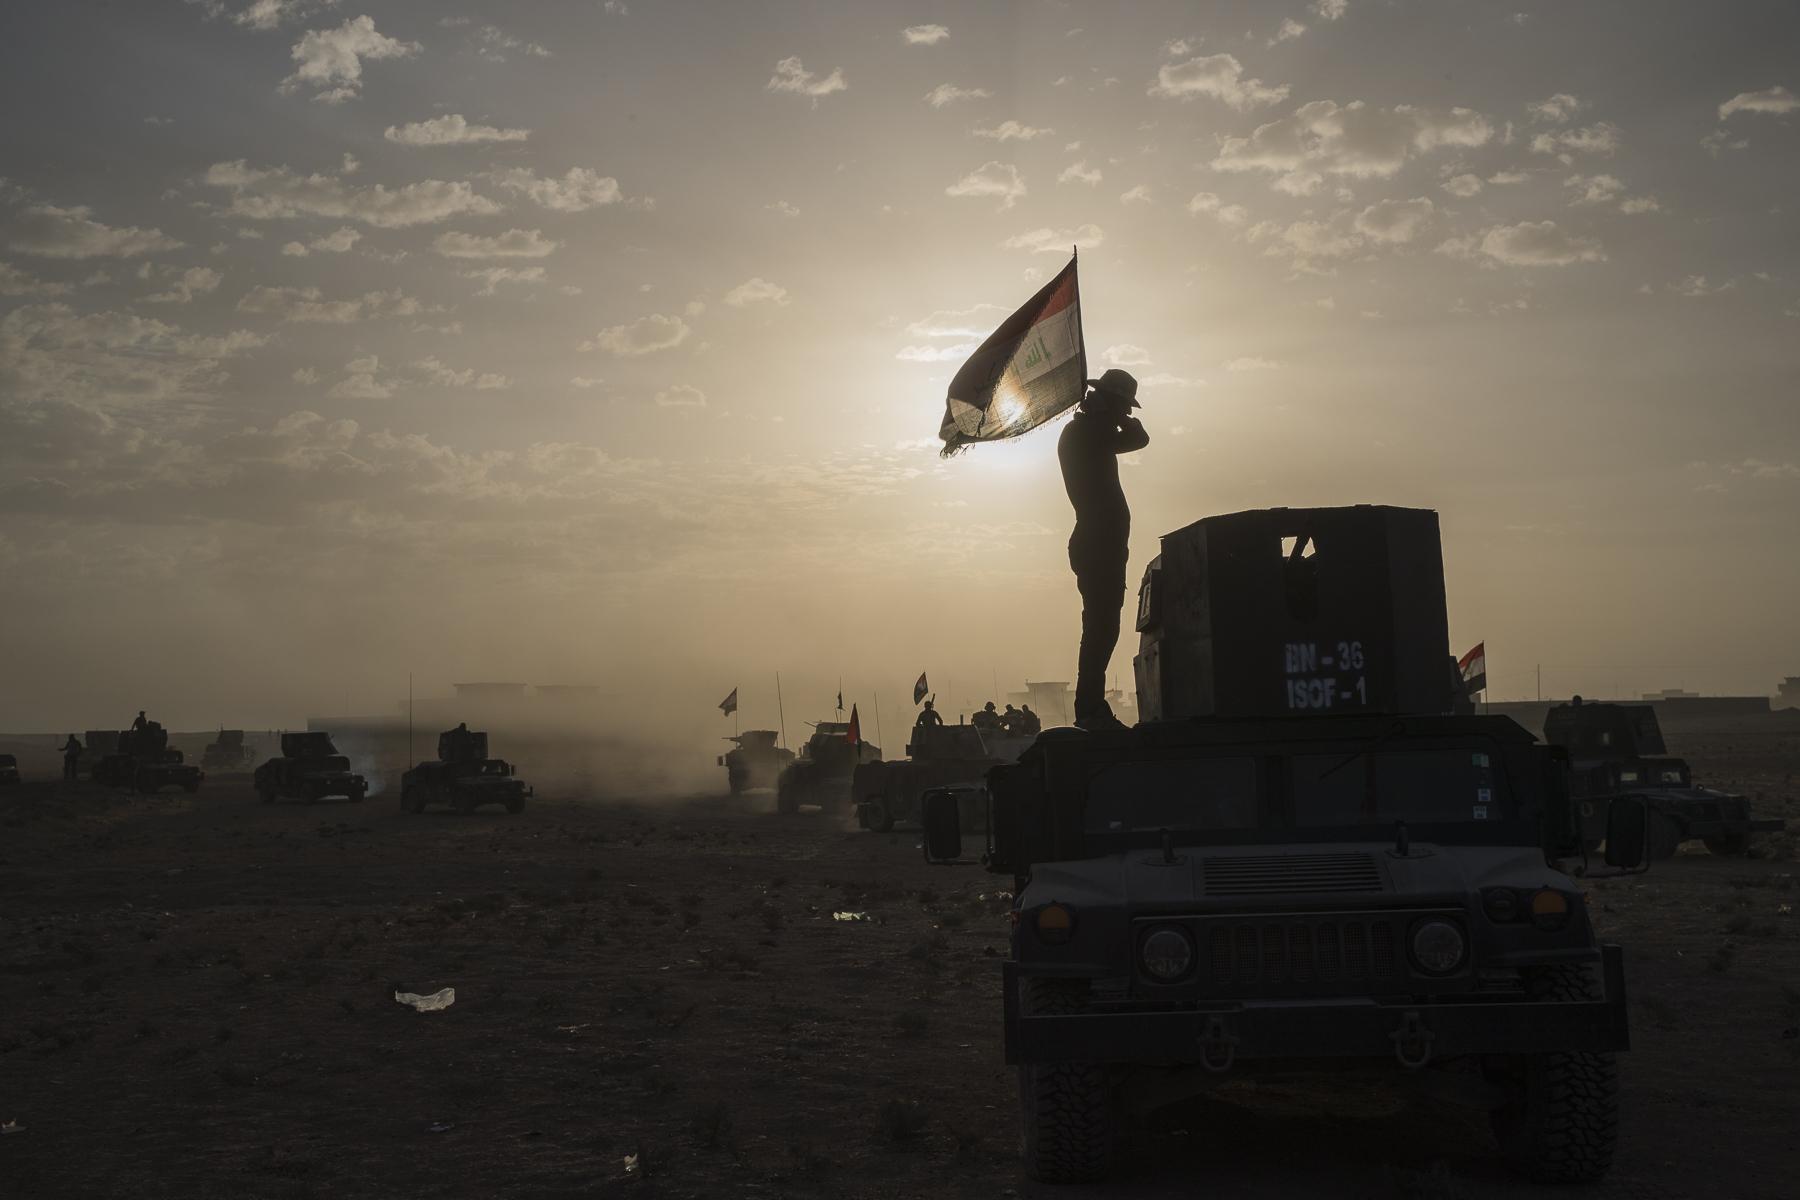 Lundi matin 9:00 la Golden Division tente de prentre le bourg de Gagjali à deux km de Mossul. C'est la dernière position de Daech. Bien que faisant partie de mossul, ce quartier est en dehors des limites géographique de la ville. C'est là ou nous prendrons position ce soir, Inch Allah.